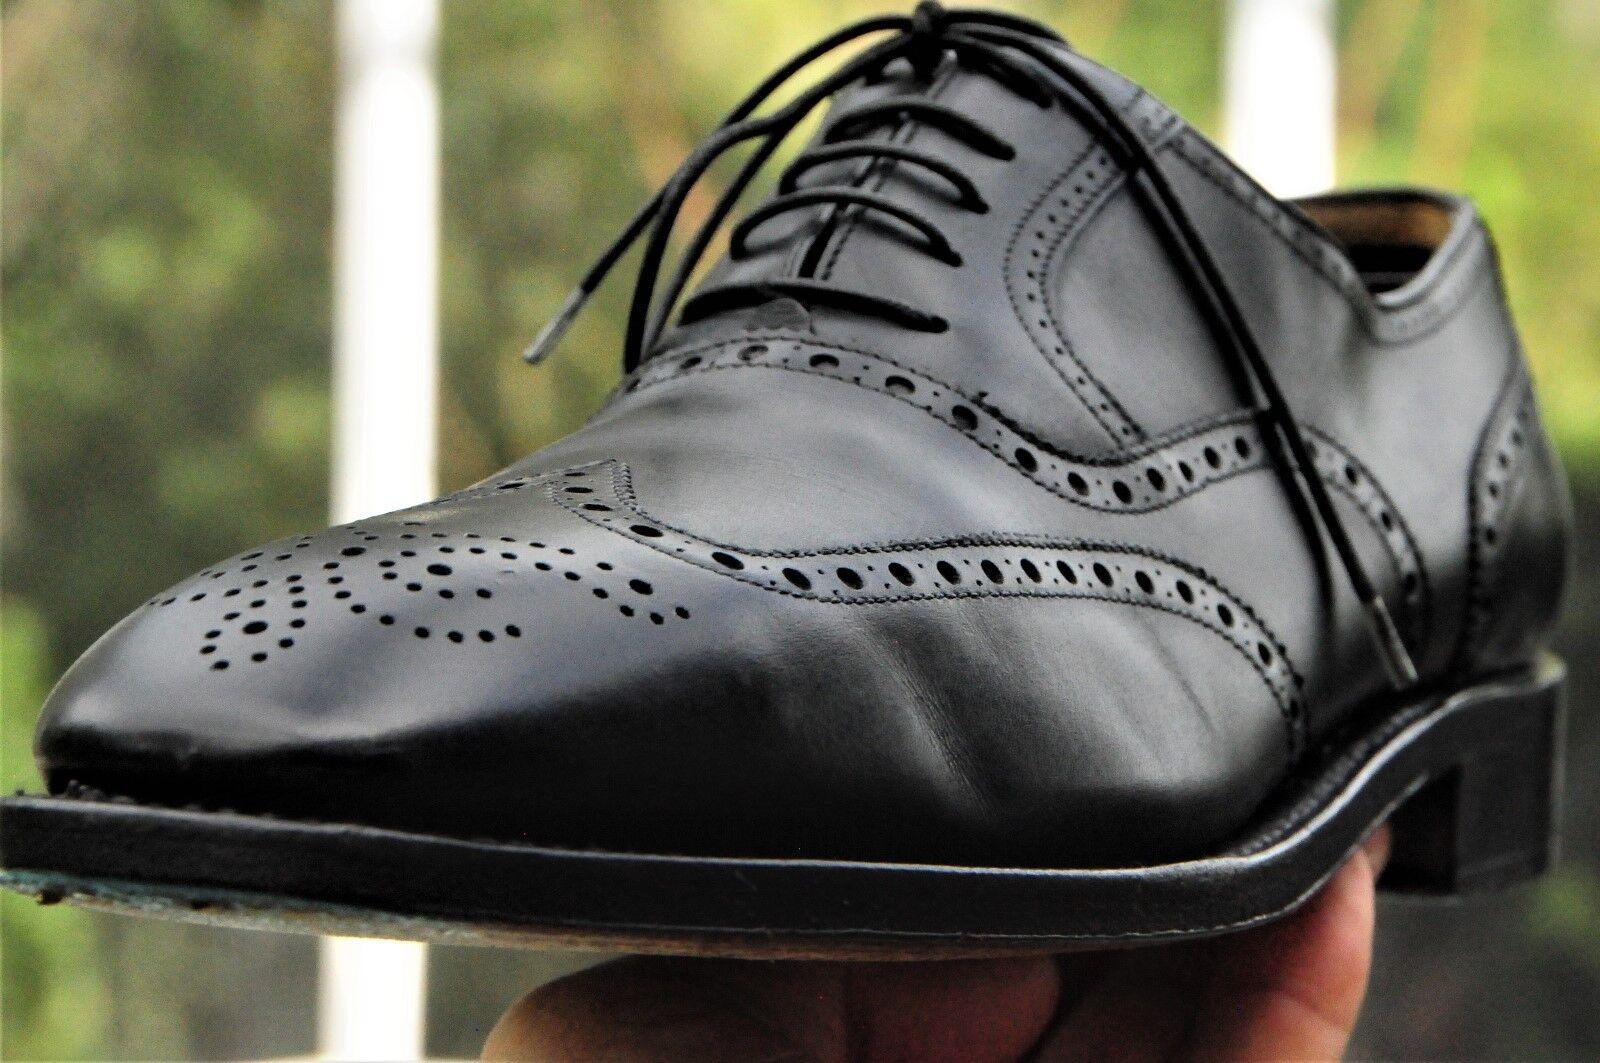 FERRAGAMO LAVORAZIONE TRAMEZZA Negro Cuero fileteado Taza del dedo del pie zapatos